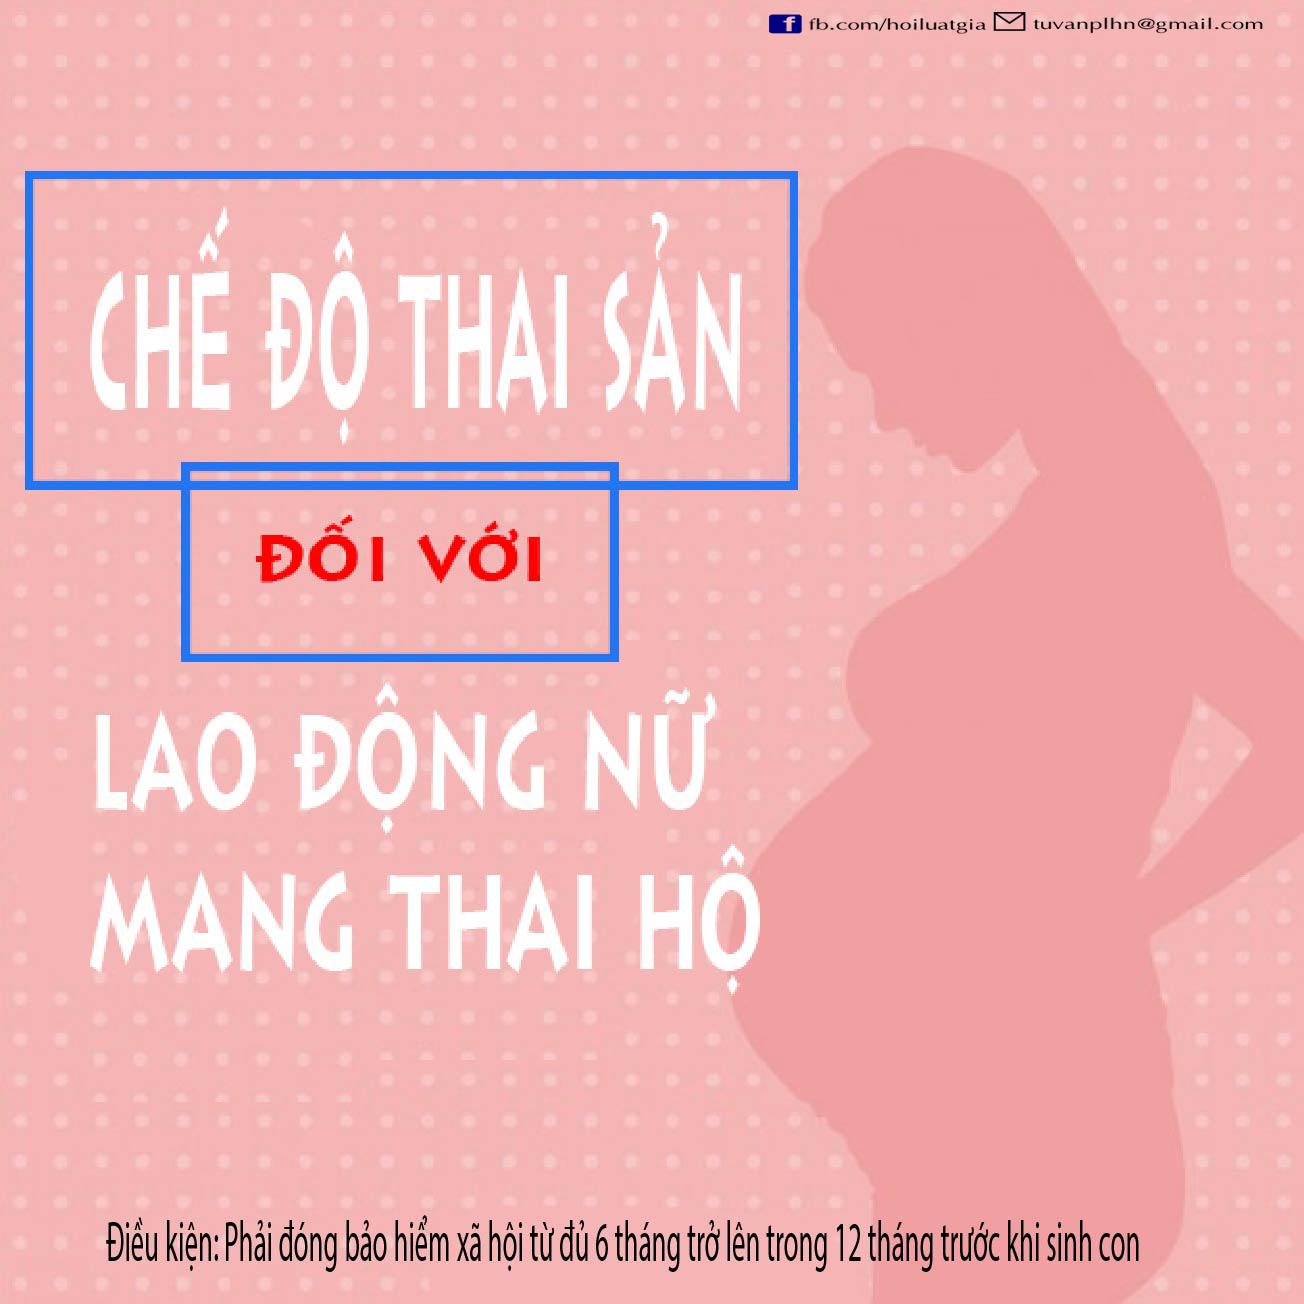 che doi thai san